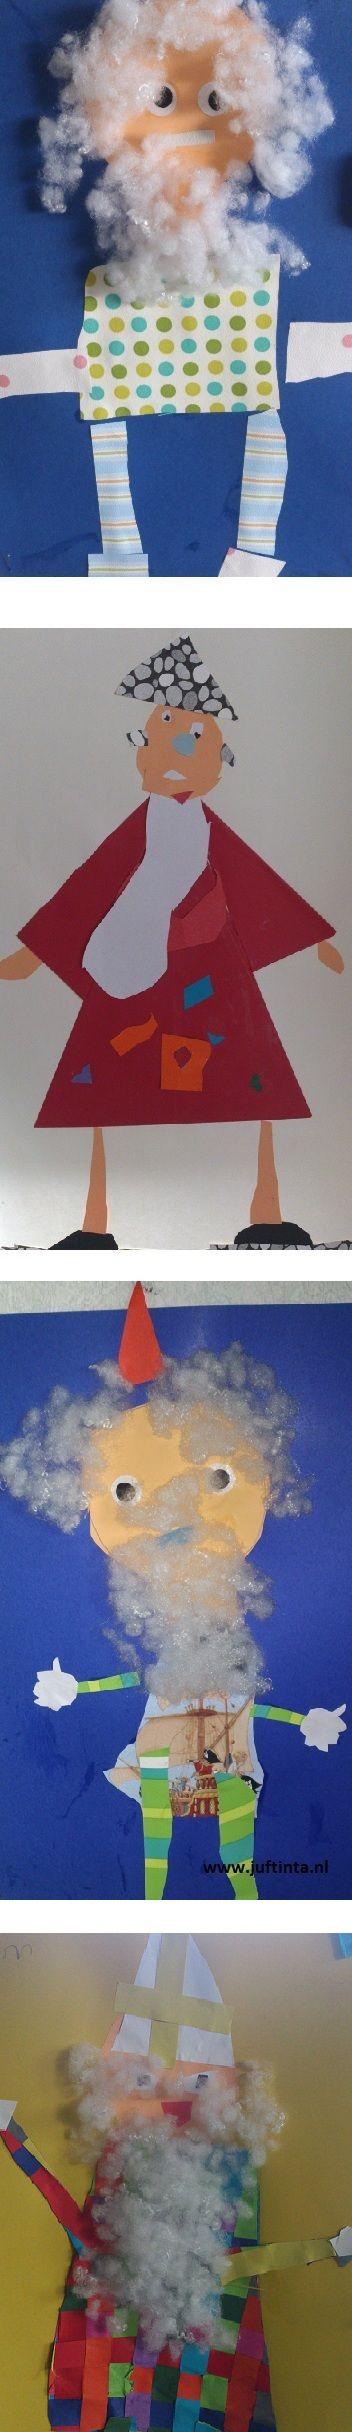 Kinderen vinden het geweldig om nieuwe kleding voor de Sint te ontwerpen! Je kunt gebruik maken van stofjes of gewoon van gekleurd papier. Met dank aan juf Gerda !